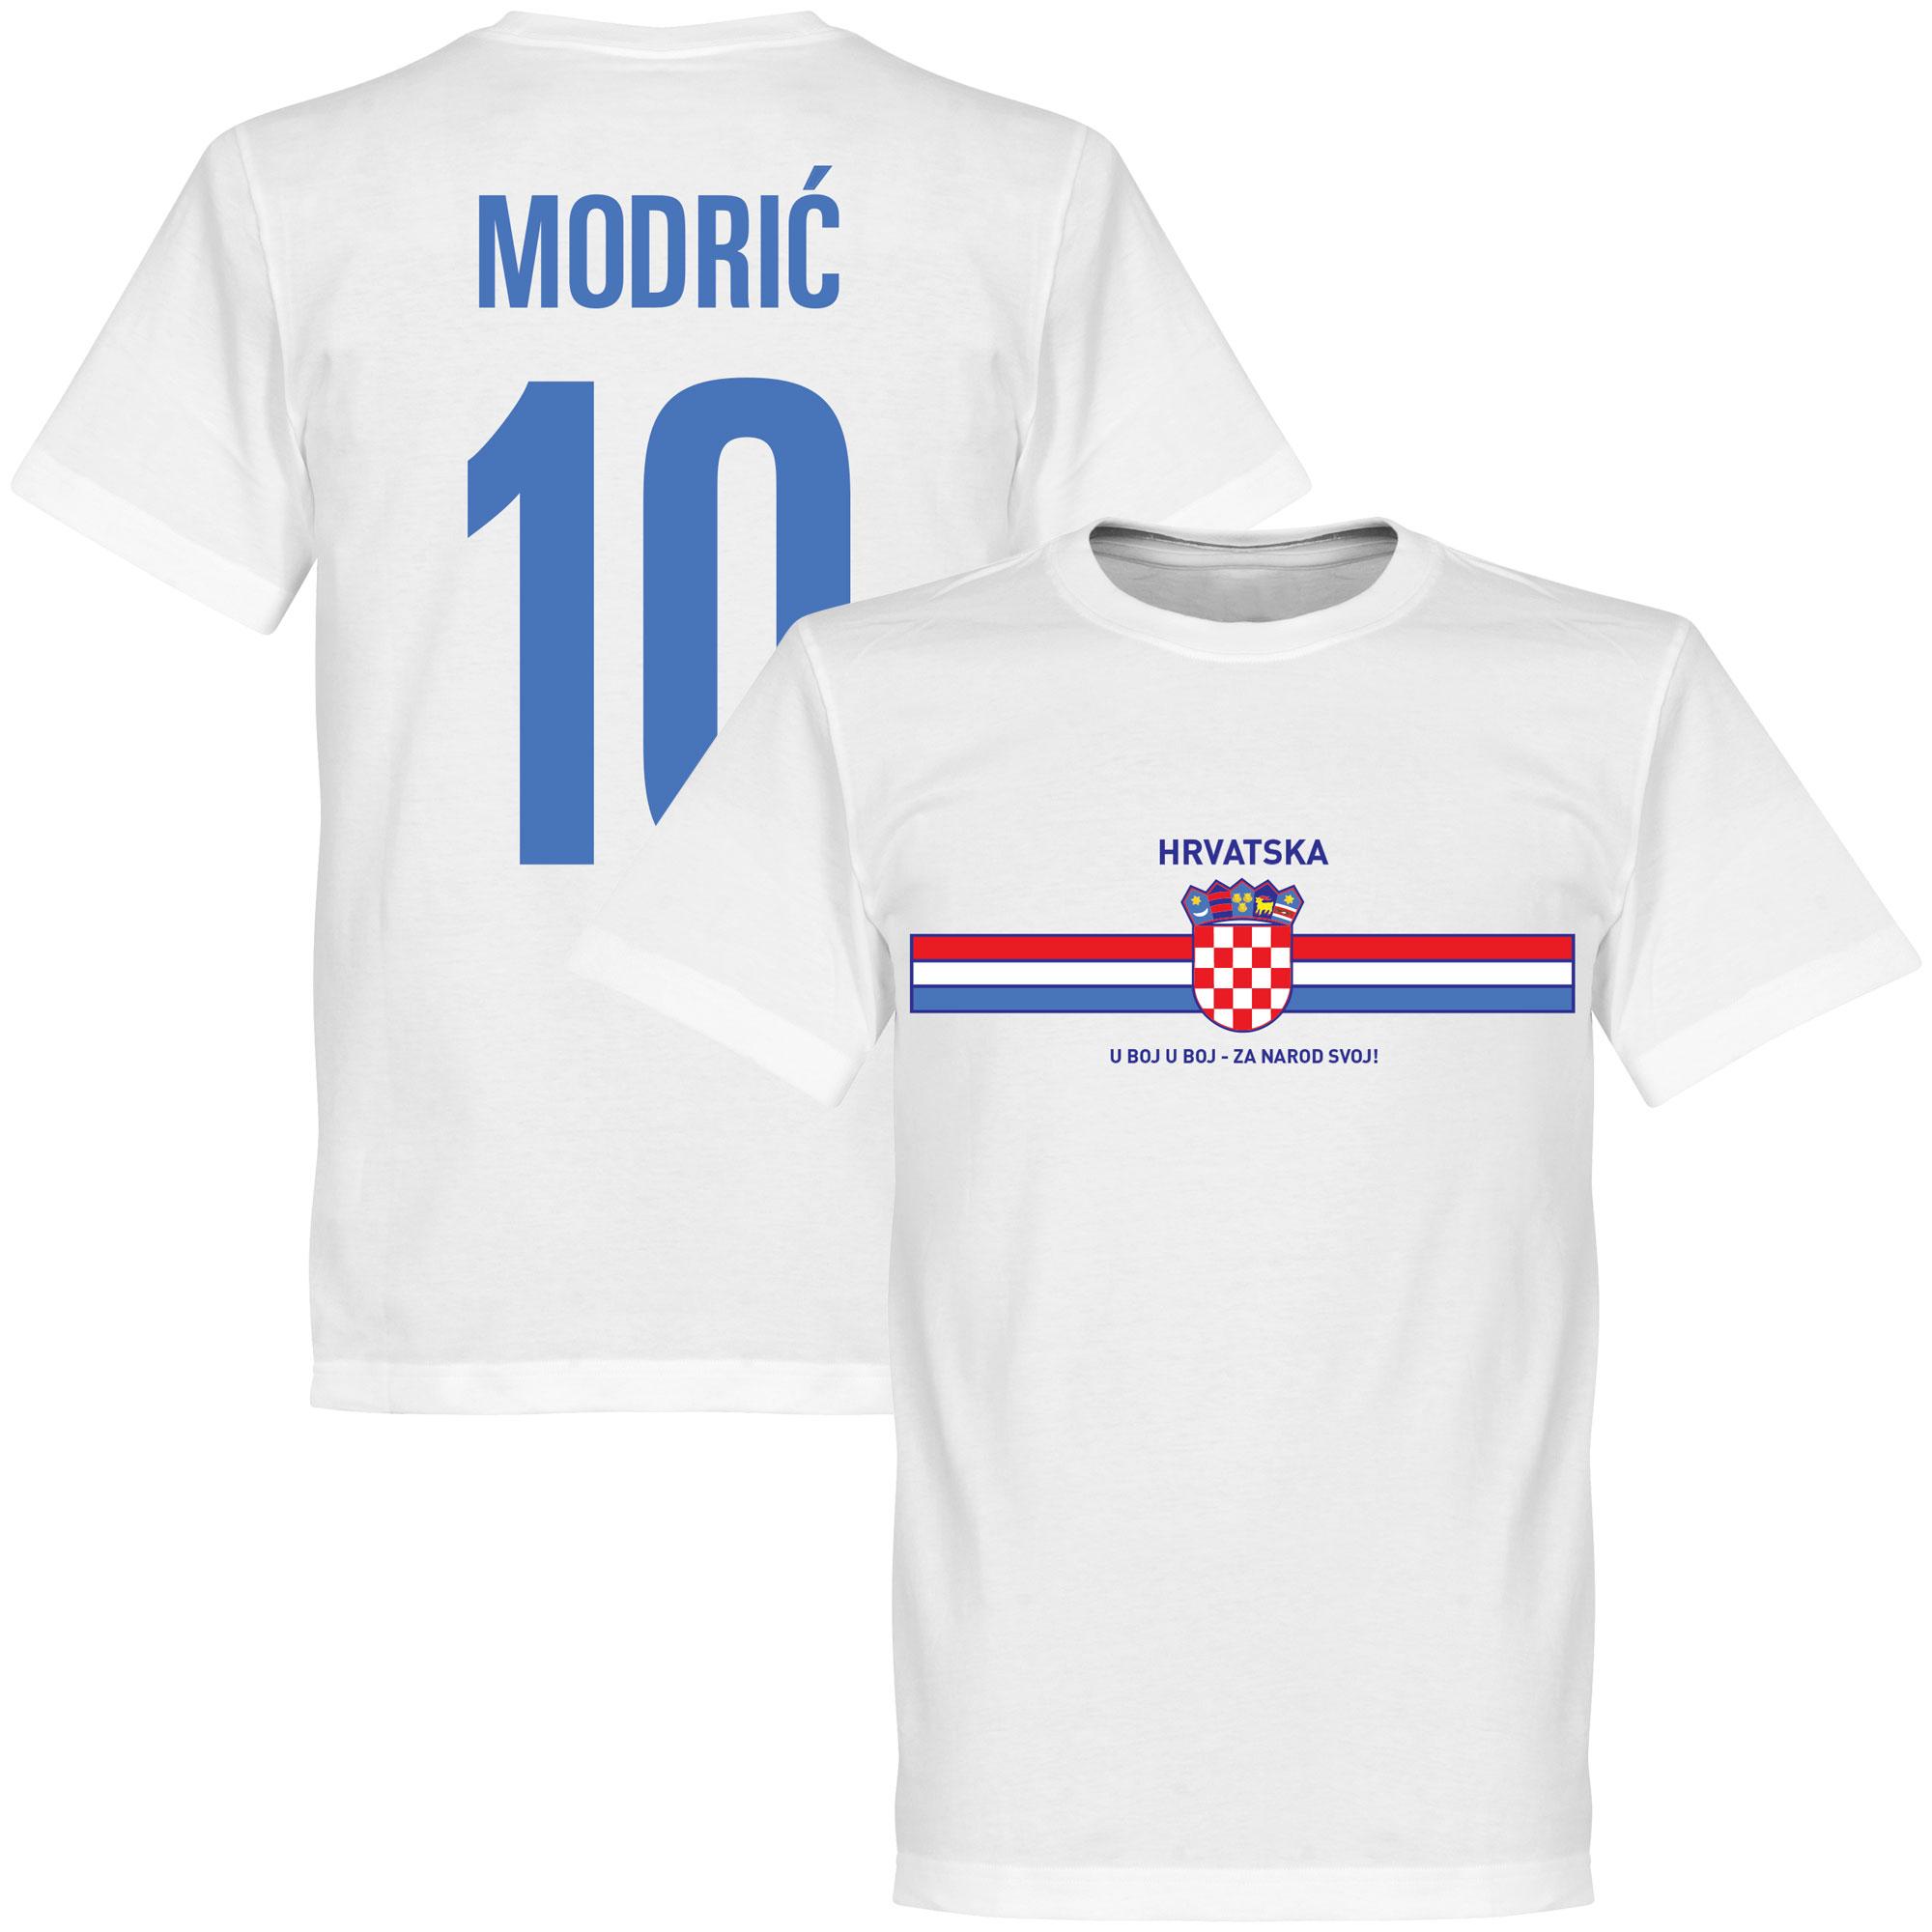 Croatia Modric Logo Tee - XXL